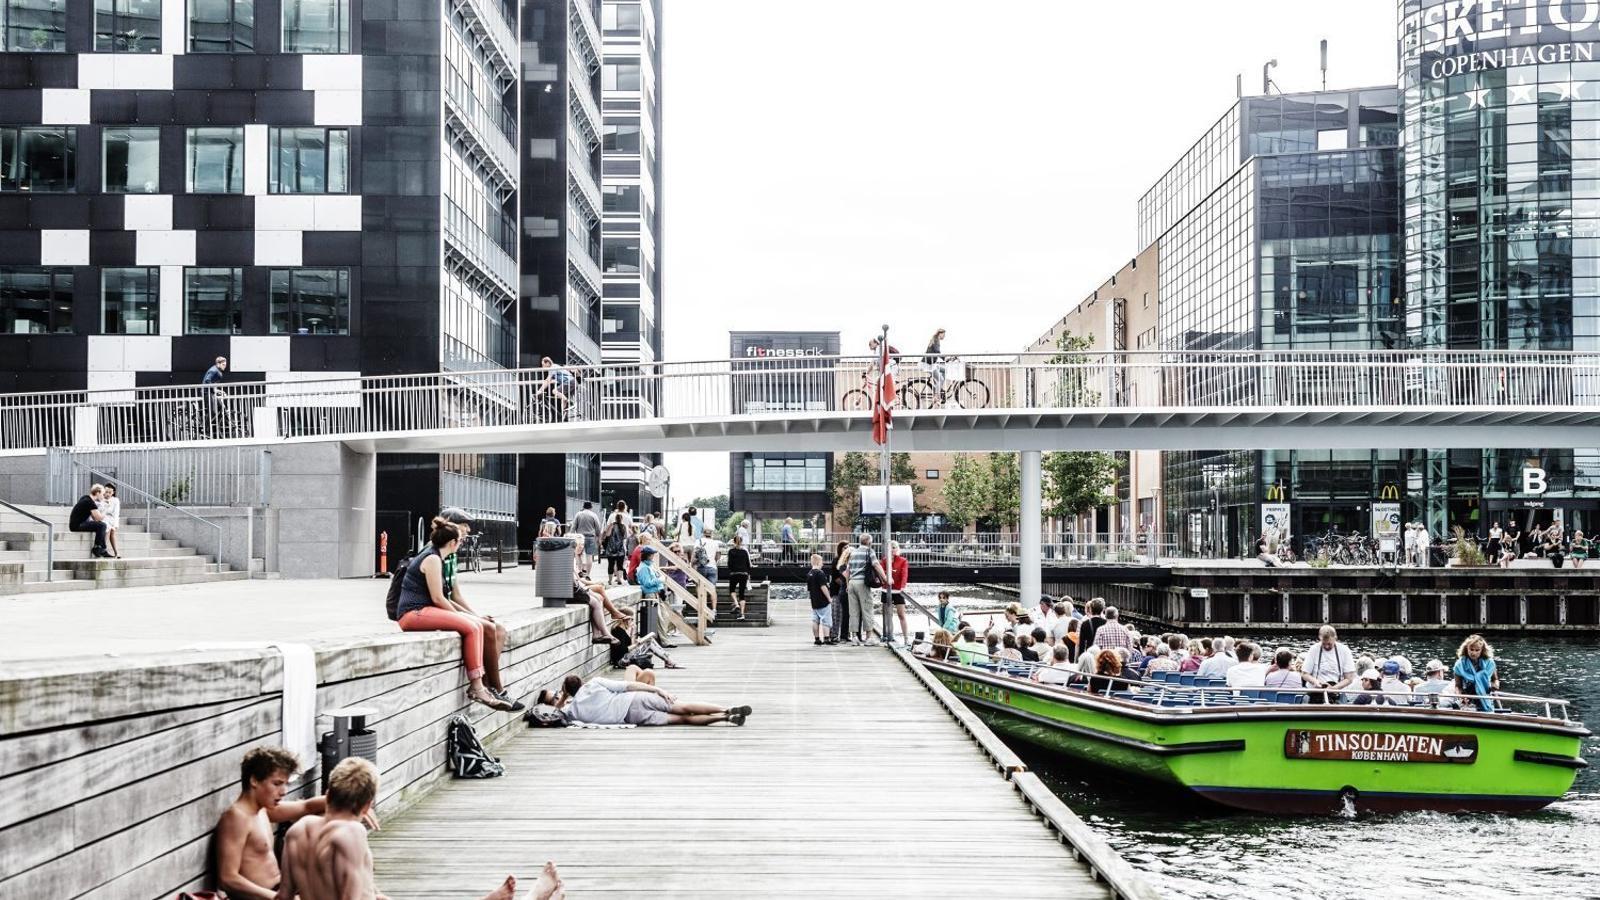 Copenhaguen va inaugurar  fa dos anys  una nova passarel·la exclusiva per a bicicletes que sobrevola un canal del port  i que connecta amb edificis comercials, d'oficines i d'habitatges que s'han construït a  les dues ribes. / RASMUS HJORTSHOJ